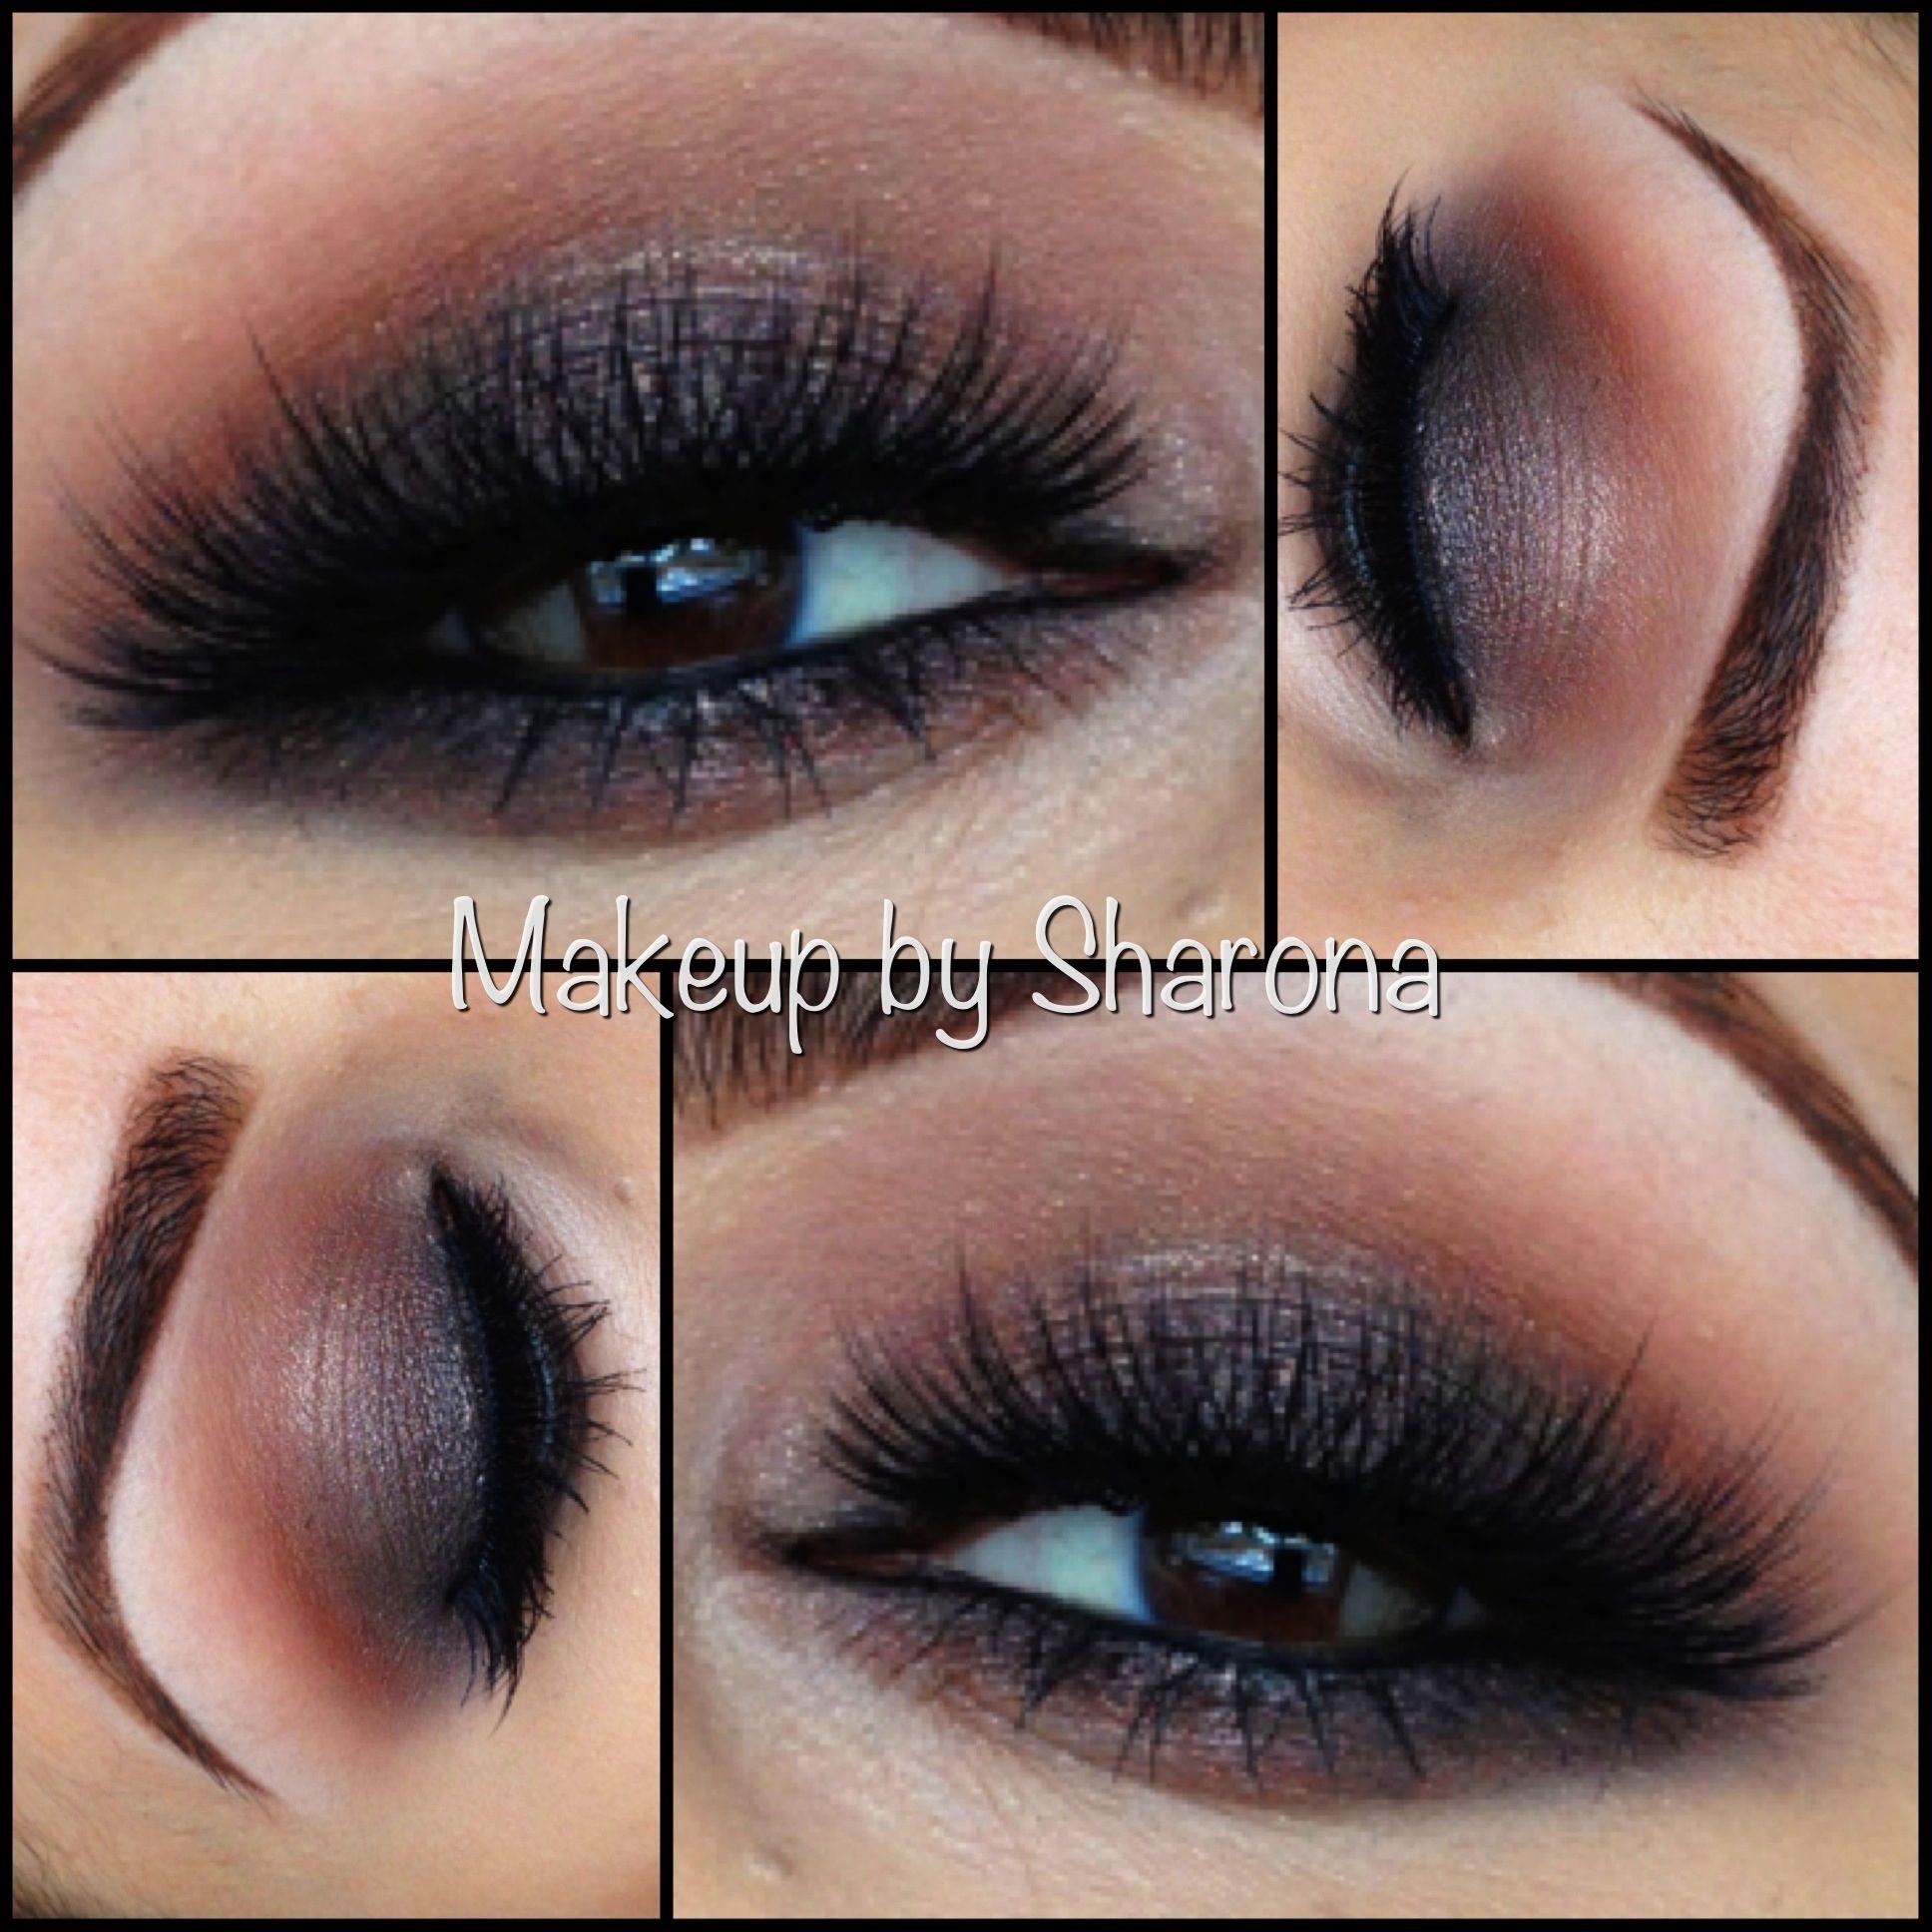 Follow On Facebook Makeup By Sharona